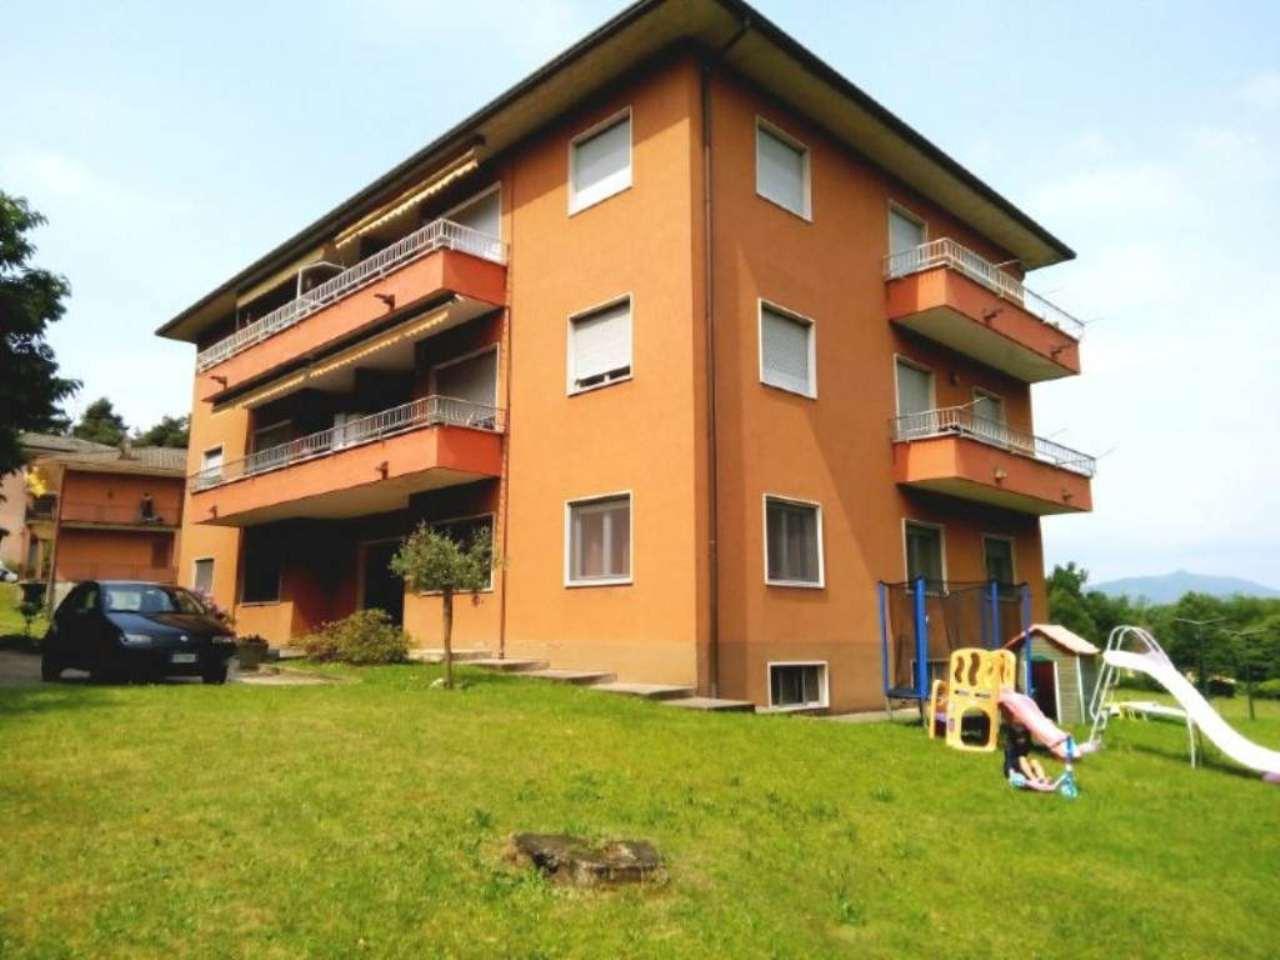 Appartamento in vendita a Uggiate-Trevano, 3 locali, prezzo € 168.000 | Cambio Casa.it